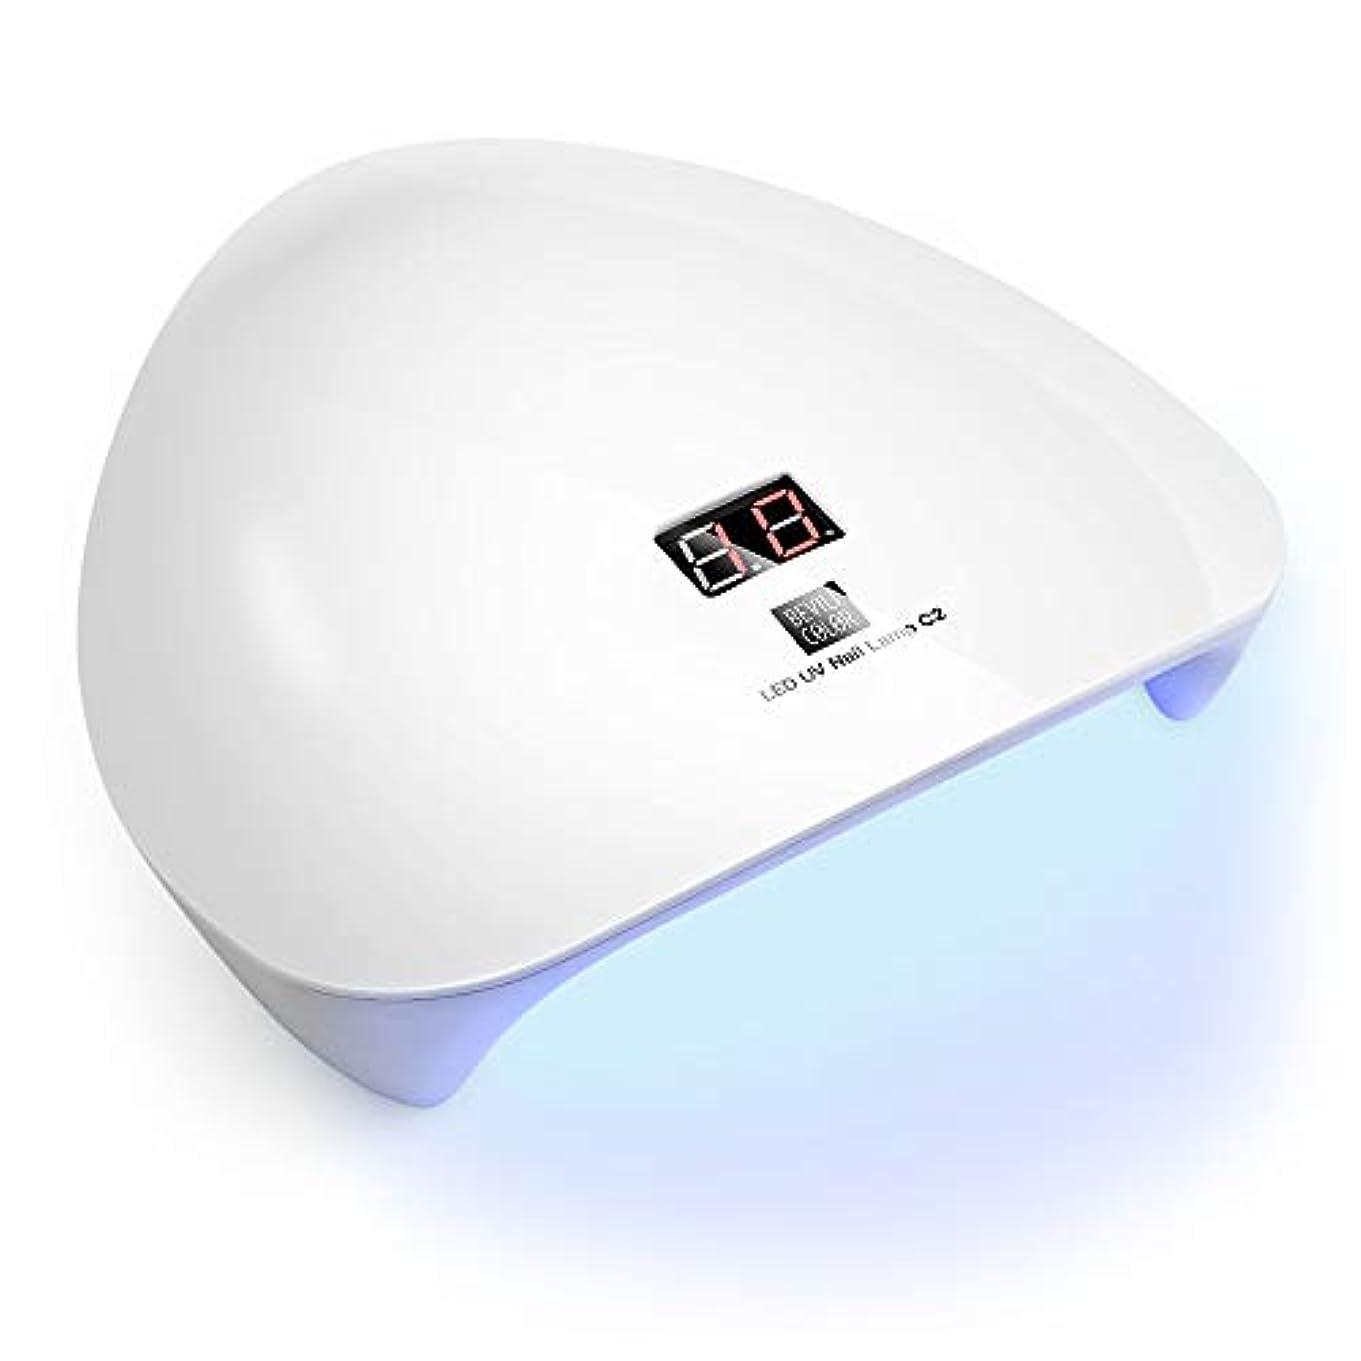 イタリアの神秘重くするWEVILI ネイル硬化用ライト UVライト LEDライト UVライトネイルドライヤー マニキュア用 LED ネイルドライヤー タイマー機能 自動センサー機能 レジン 便利 (45W 硬化用UVライト)